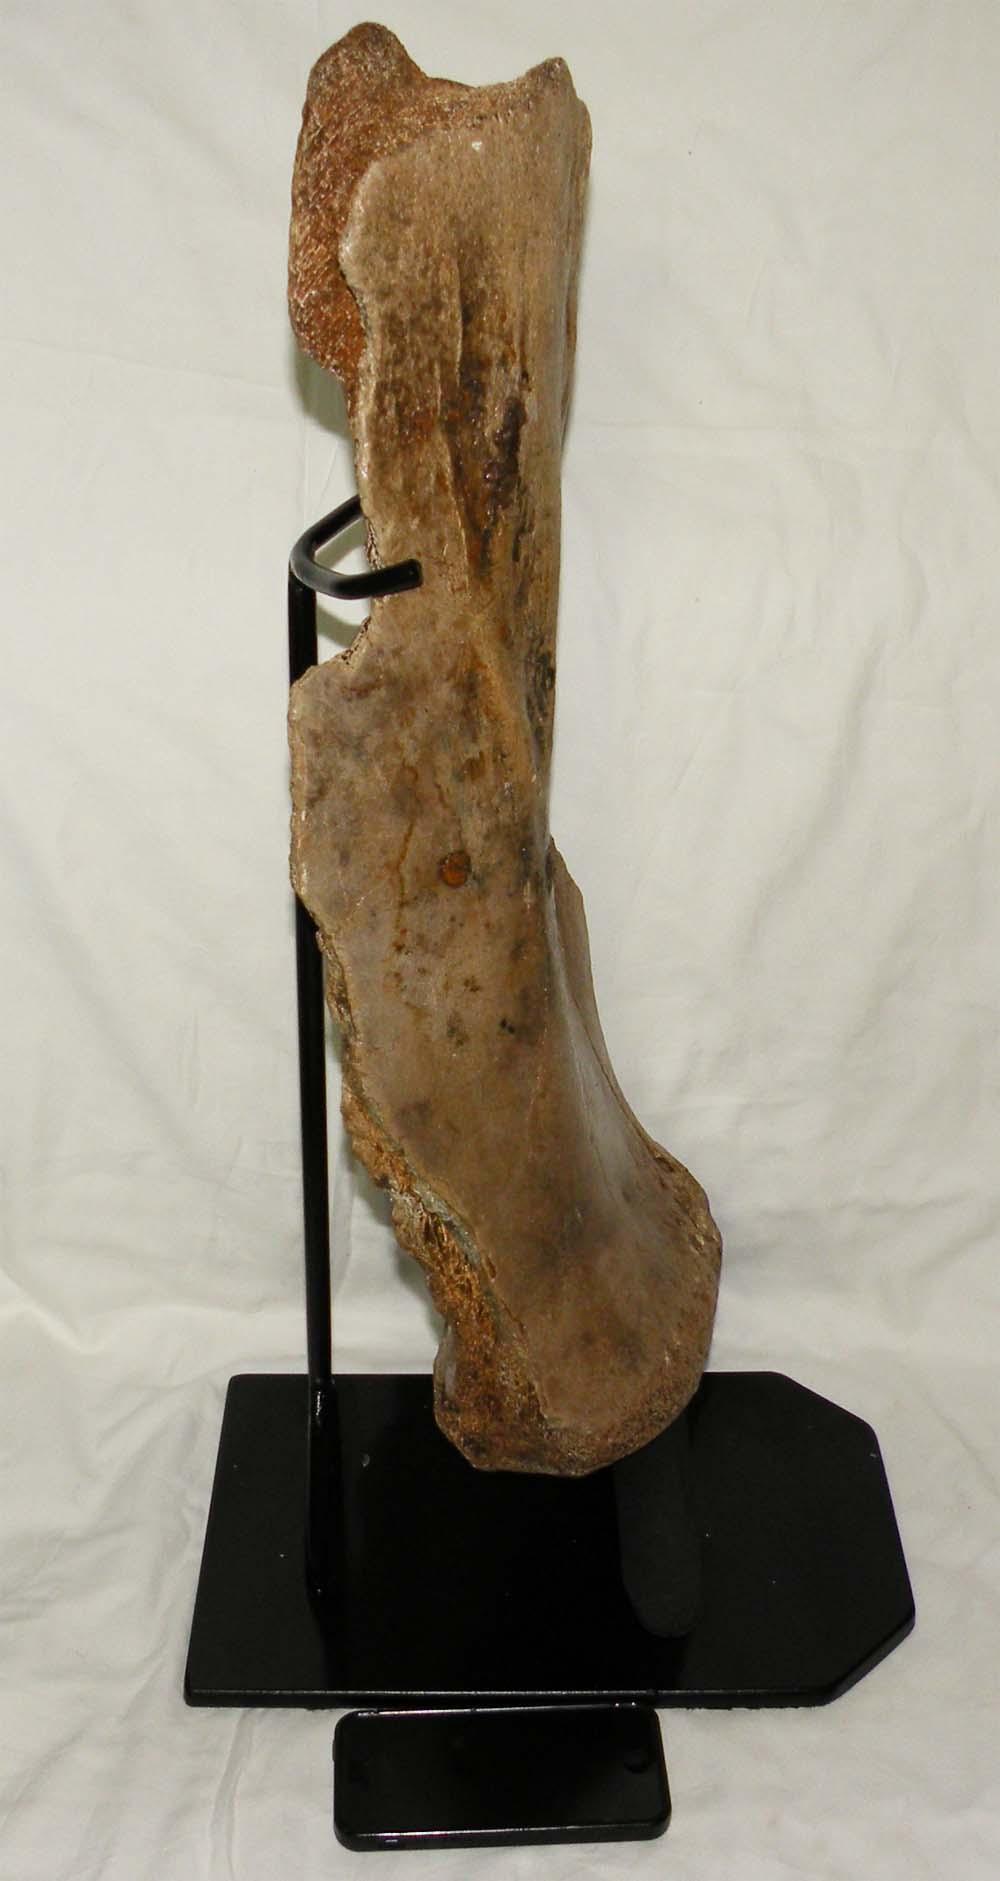 http://www.nuggetsfactory.com/EURO/mammifere/mammouth/os/49%20os%20mammouth%20b.jpg